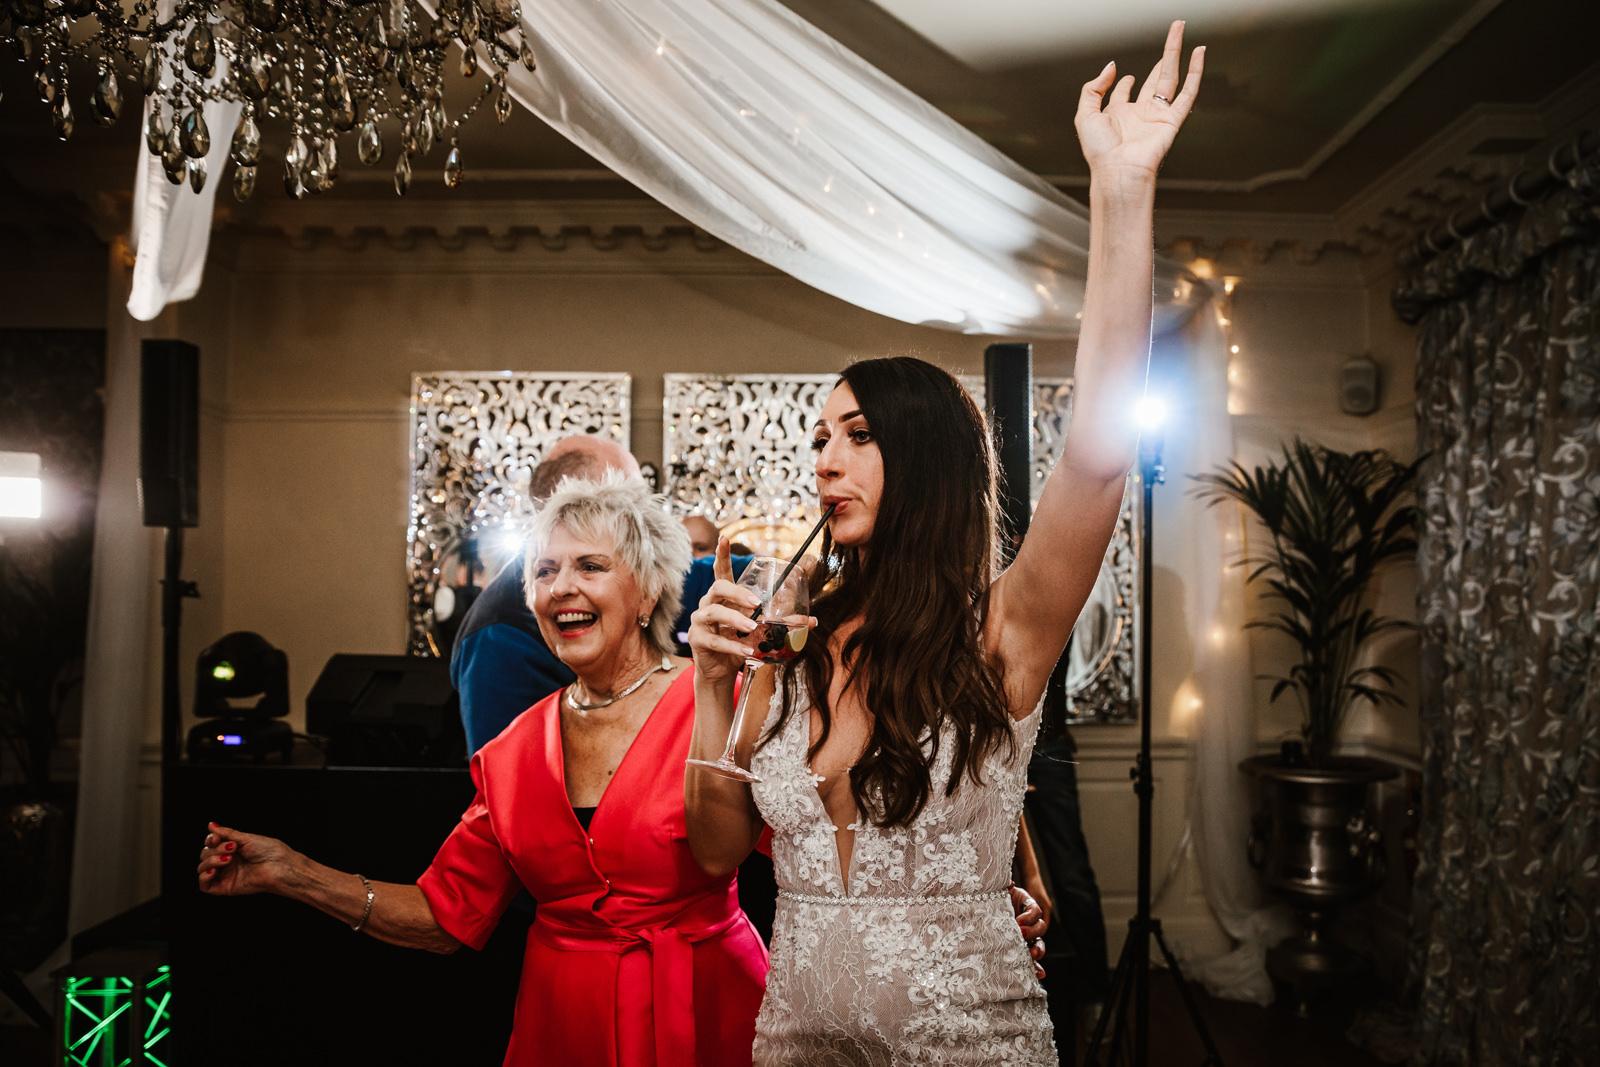 Party bride